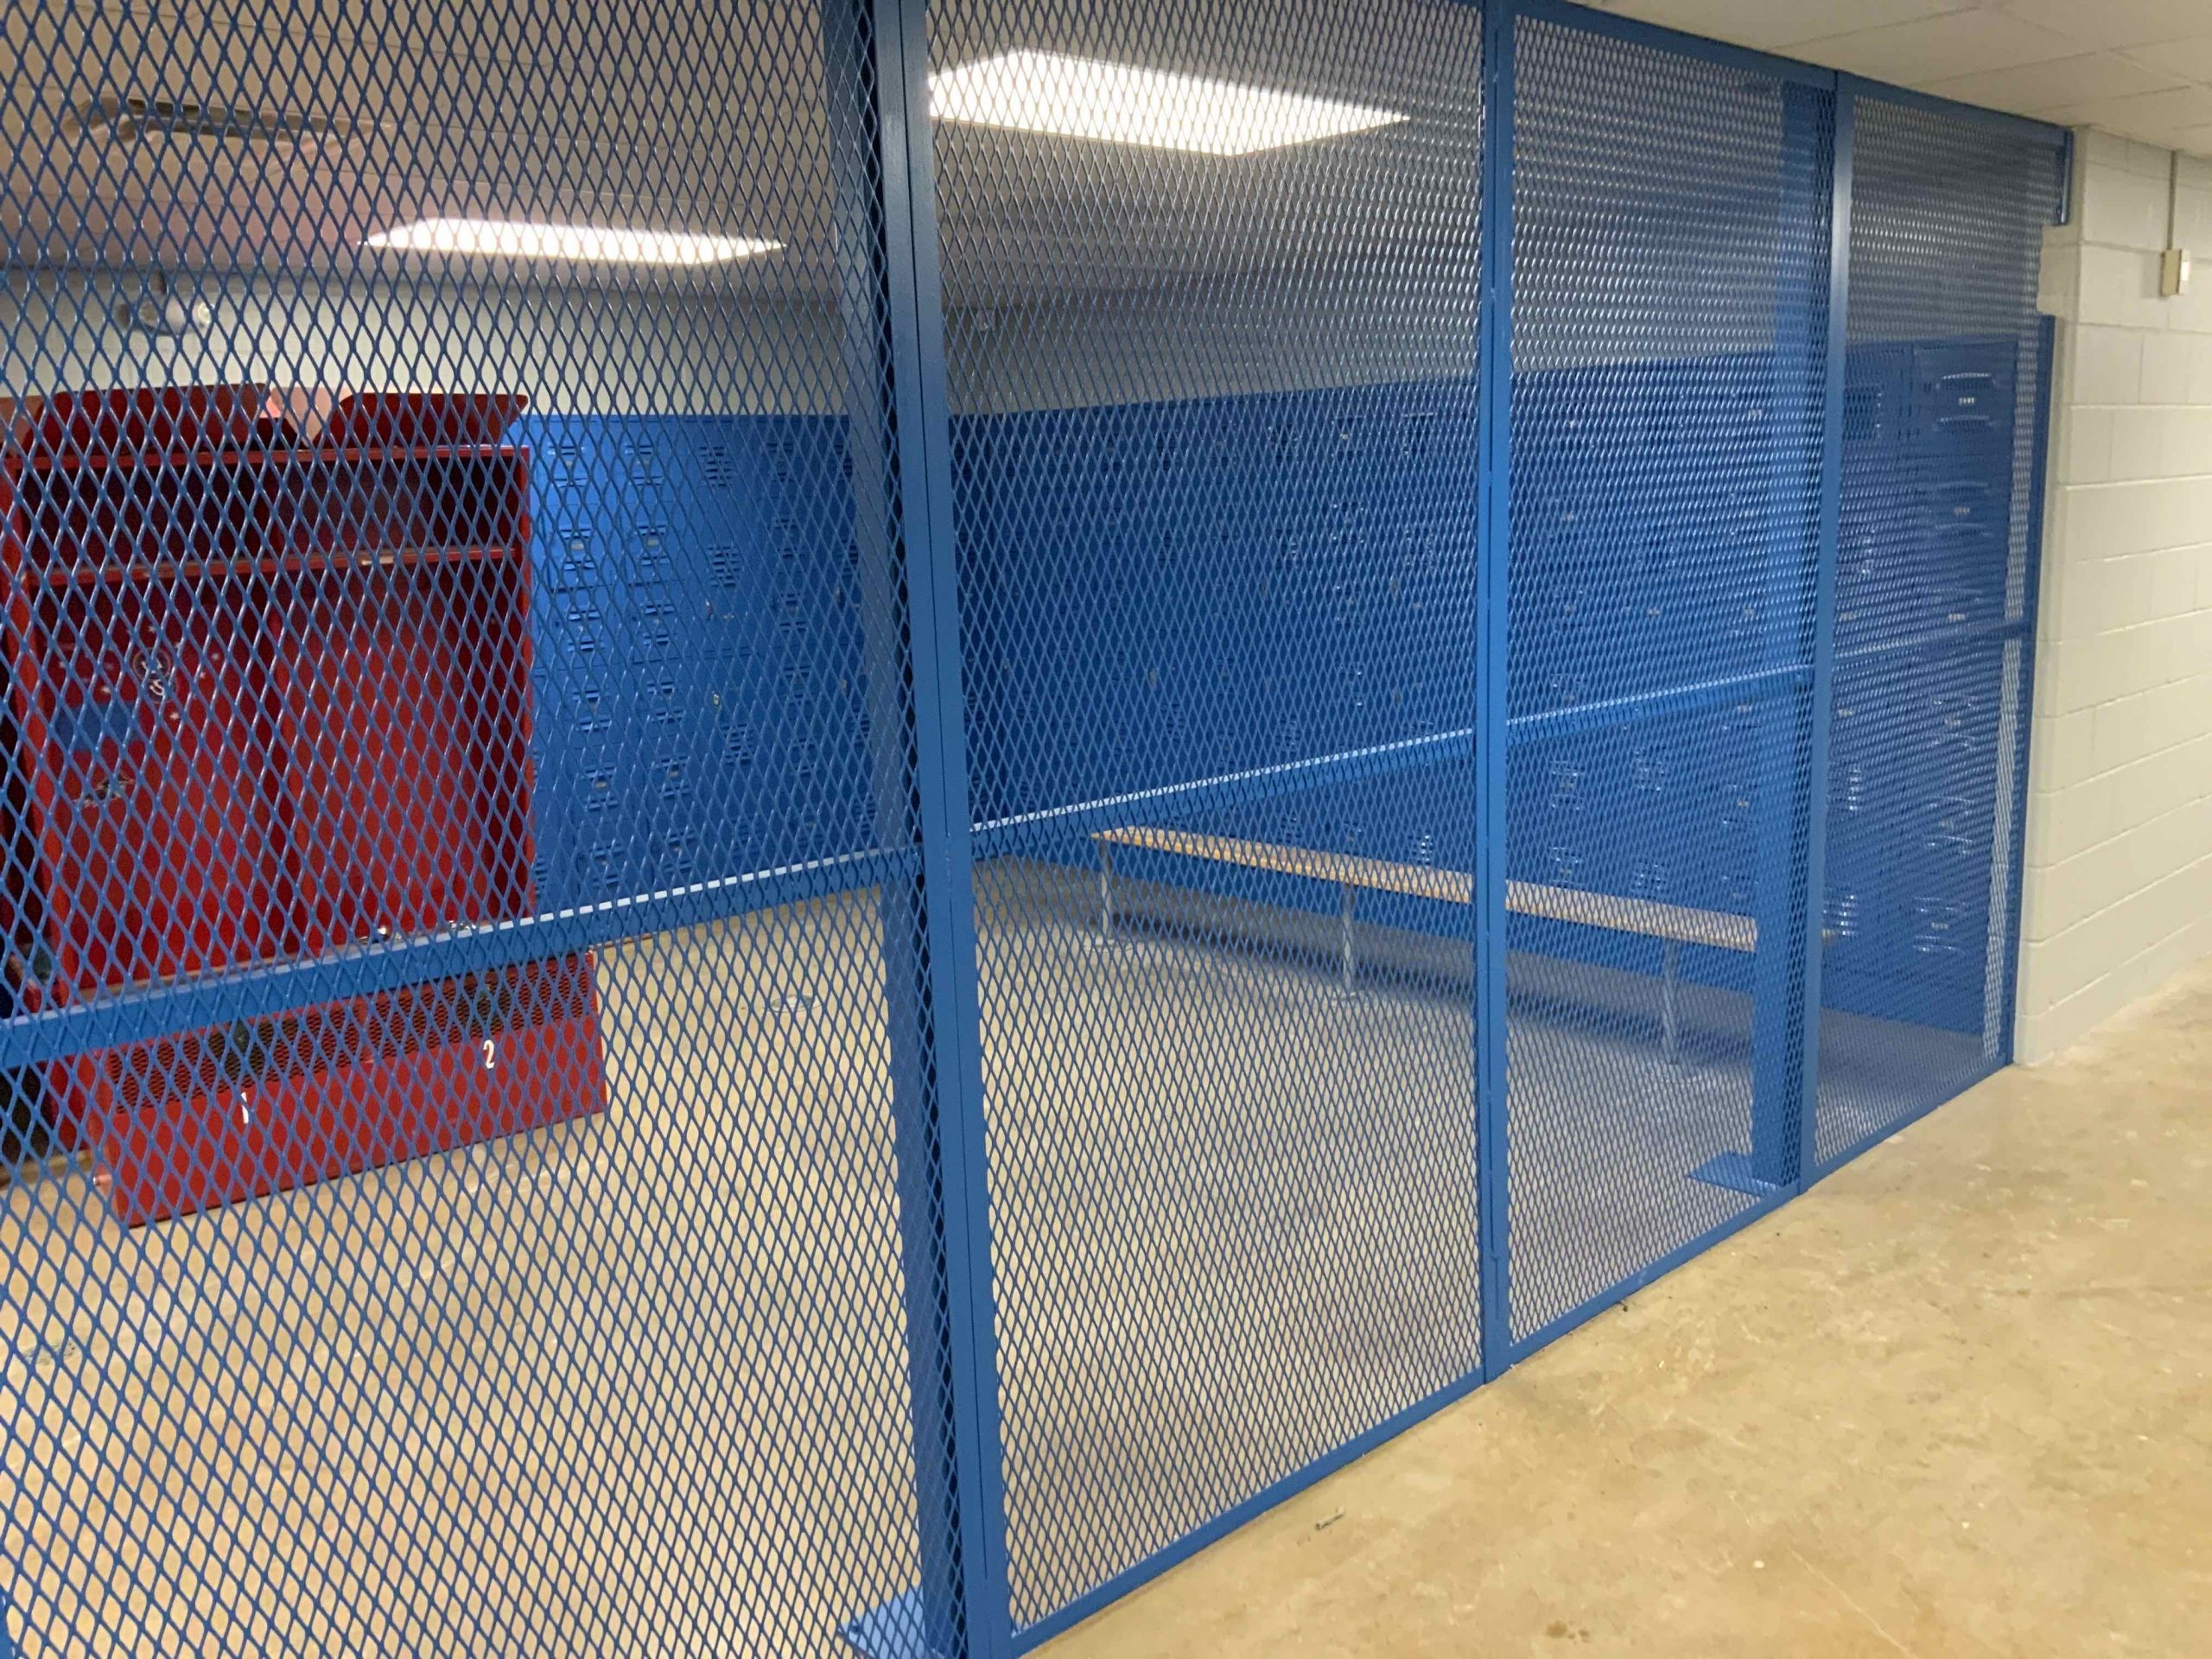 Locker Room is Complete! image 1